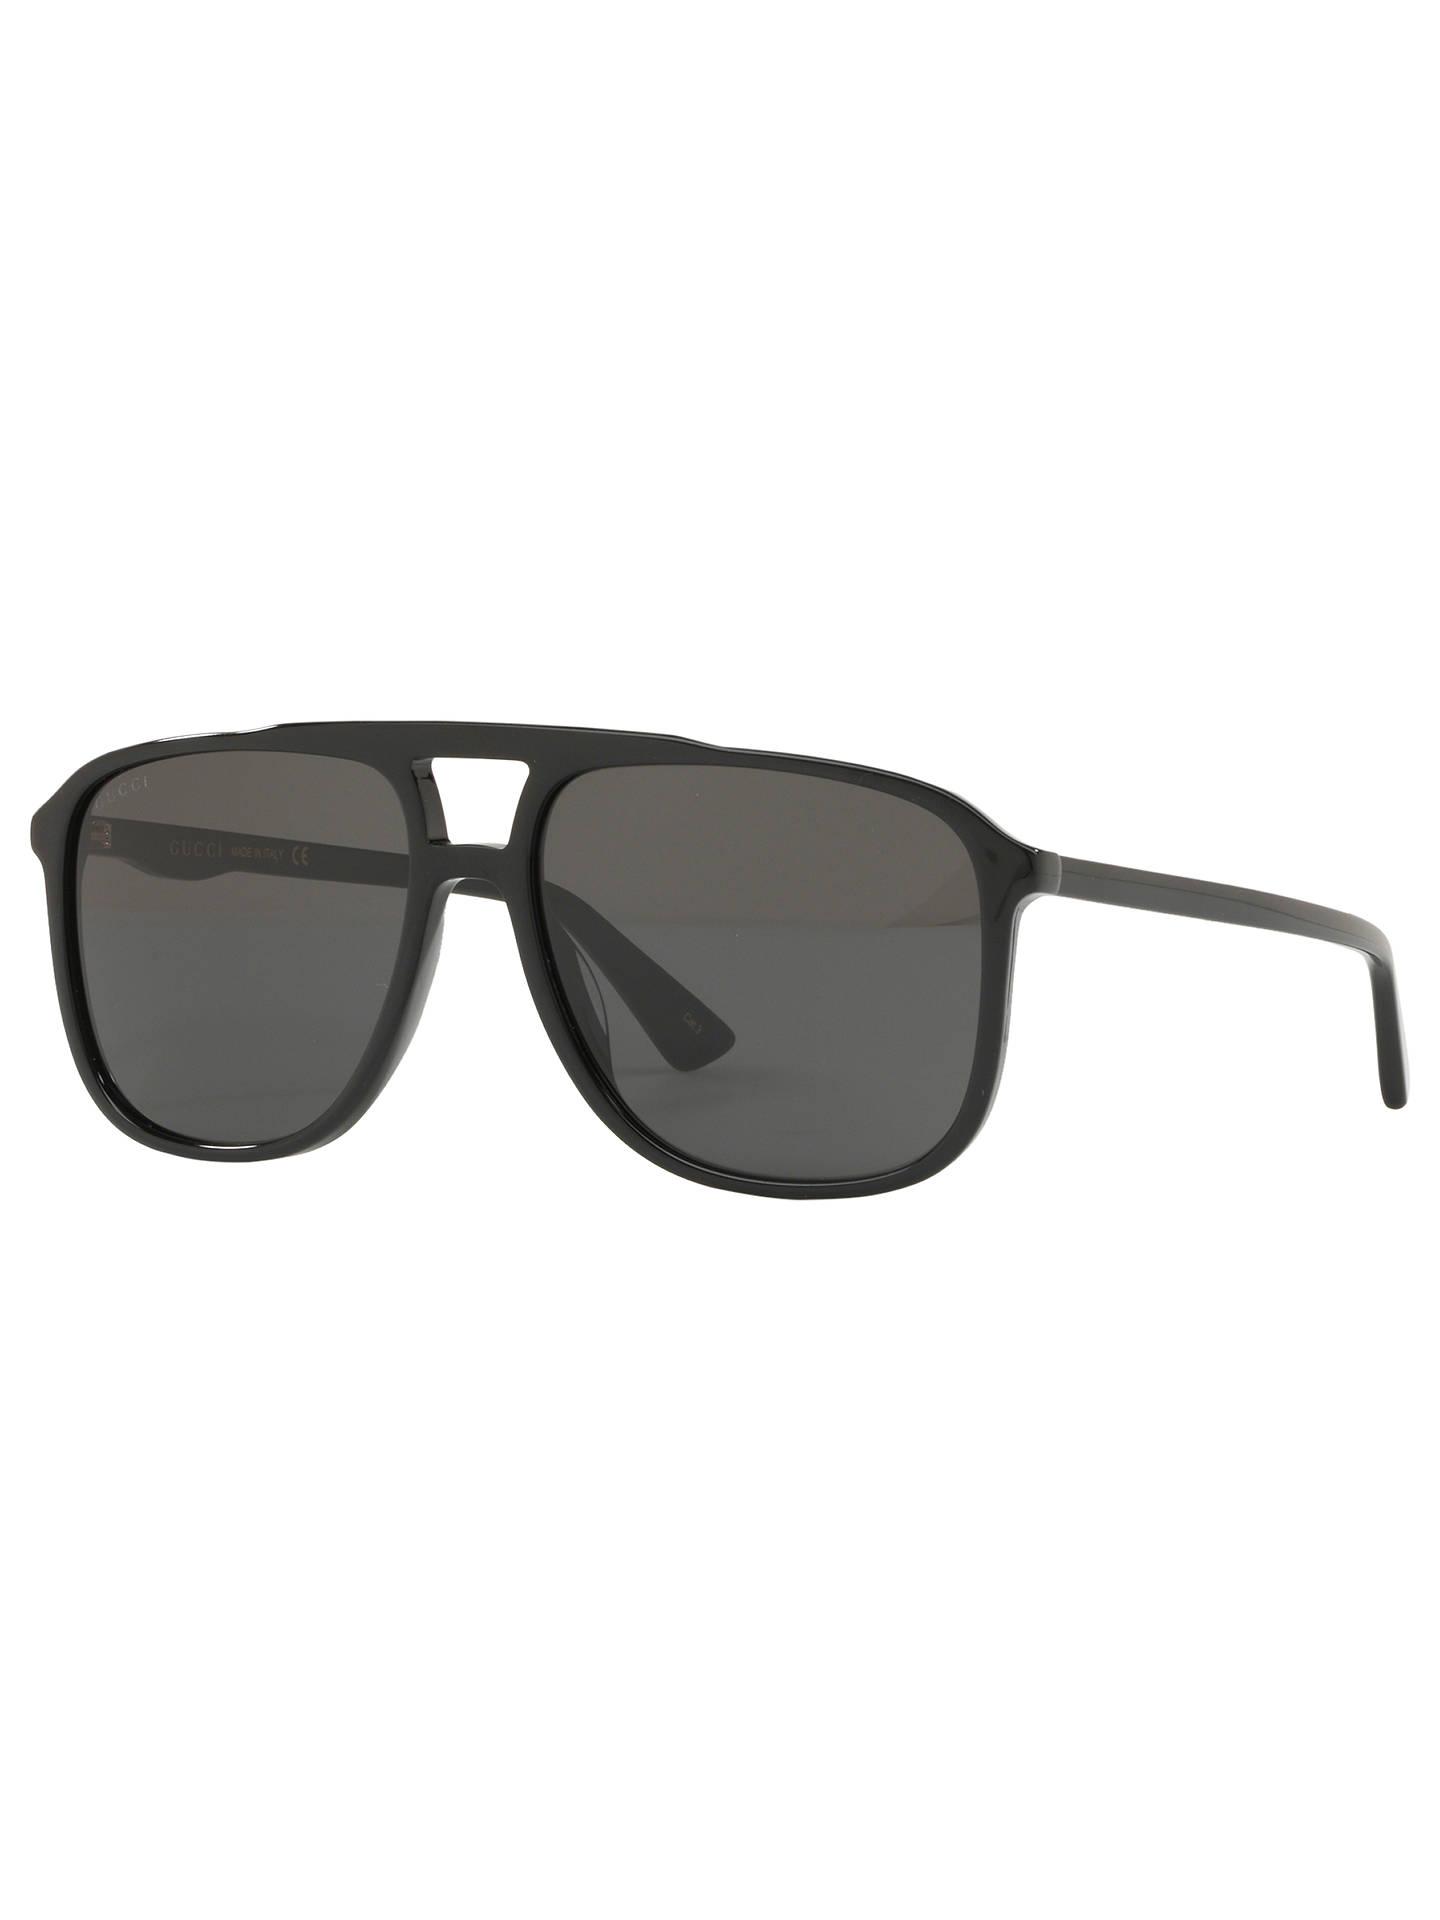 54097977bdc Buy Gucci GG1053 Women s Square Sunglasses